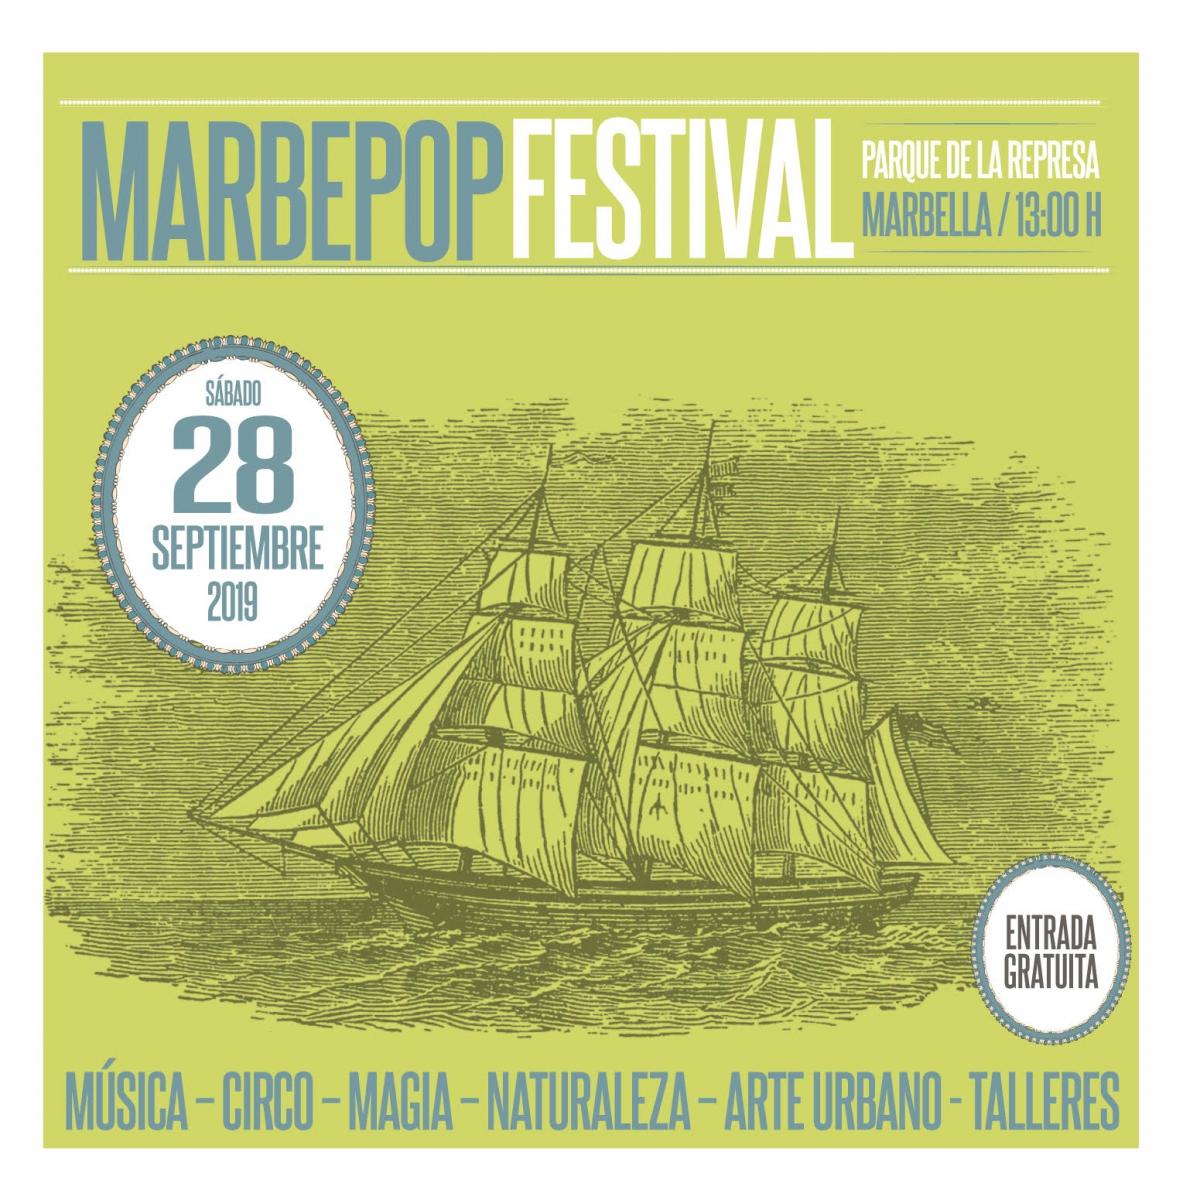 El Parque Arroyo de La Represa acogerá el 28 de septiembre una nueva edición del festival 'Marbepop2019'